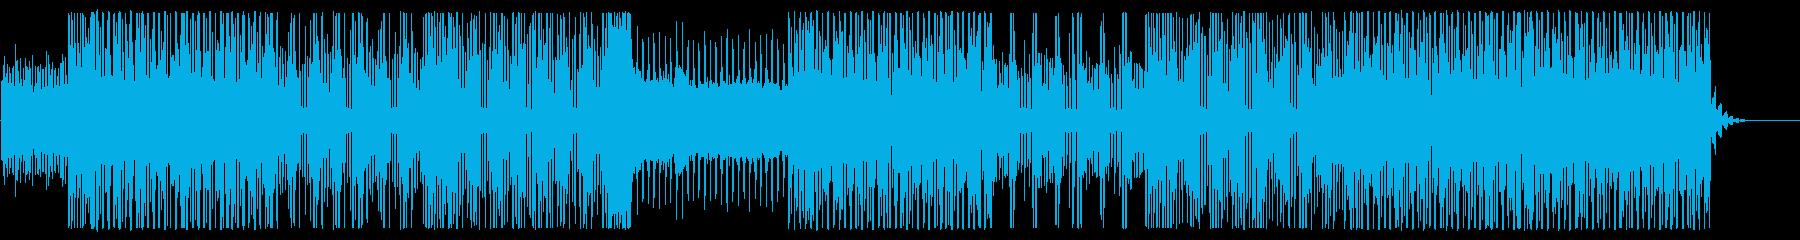 都会的なエレクトロPOPSゆるく踊れる曲の再生済みの波形